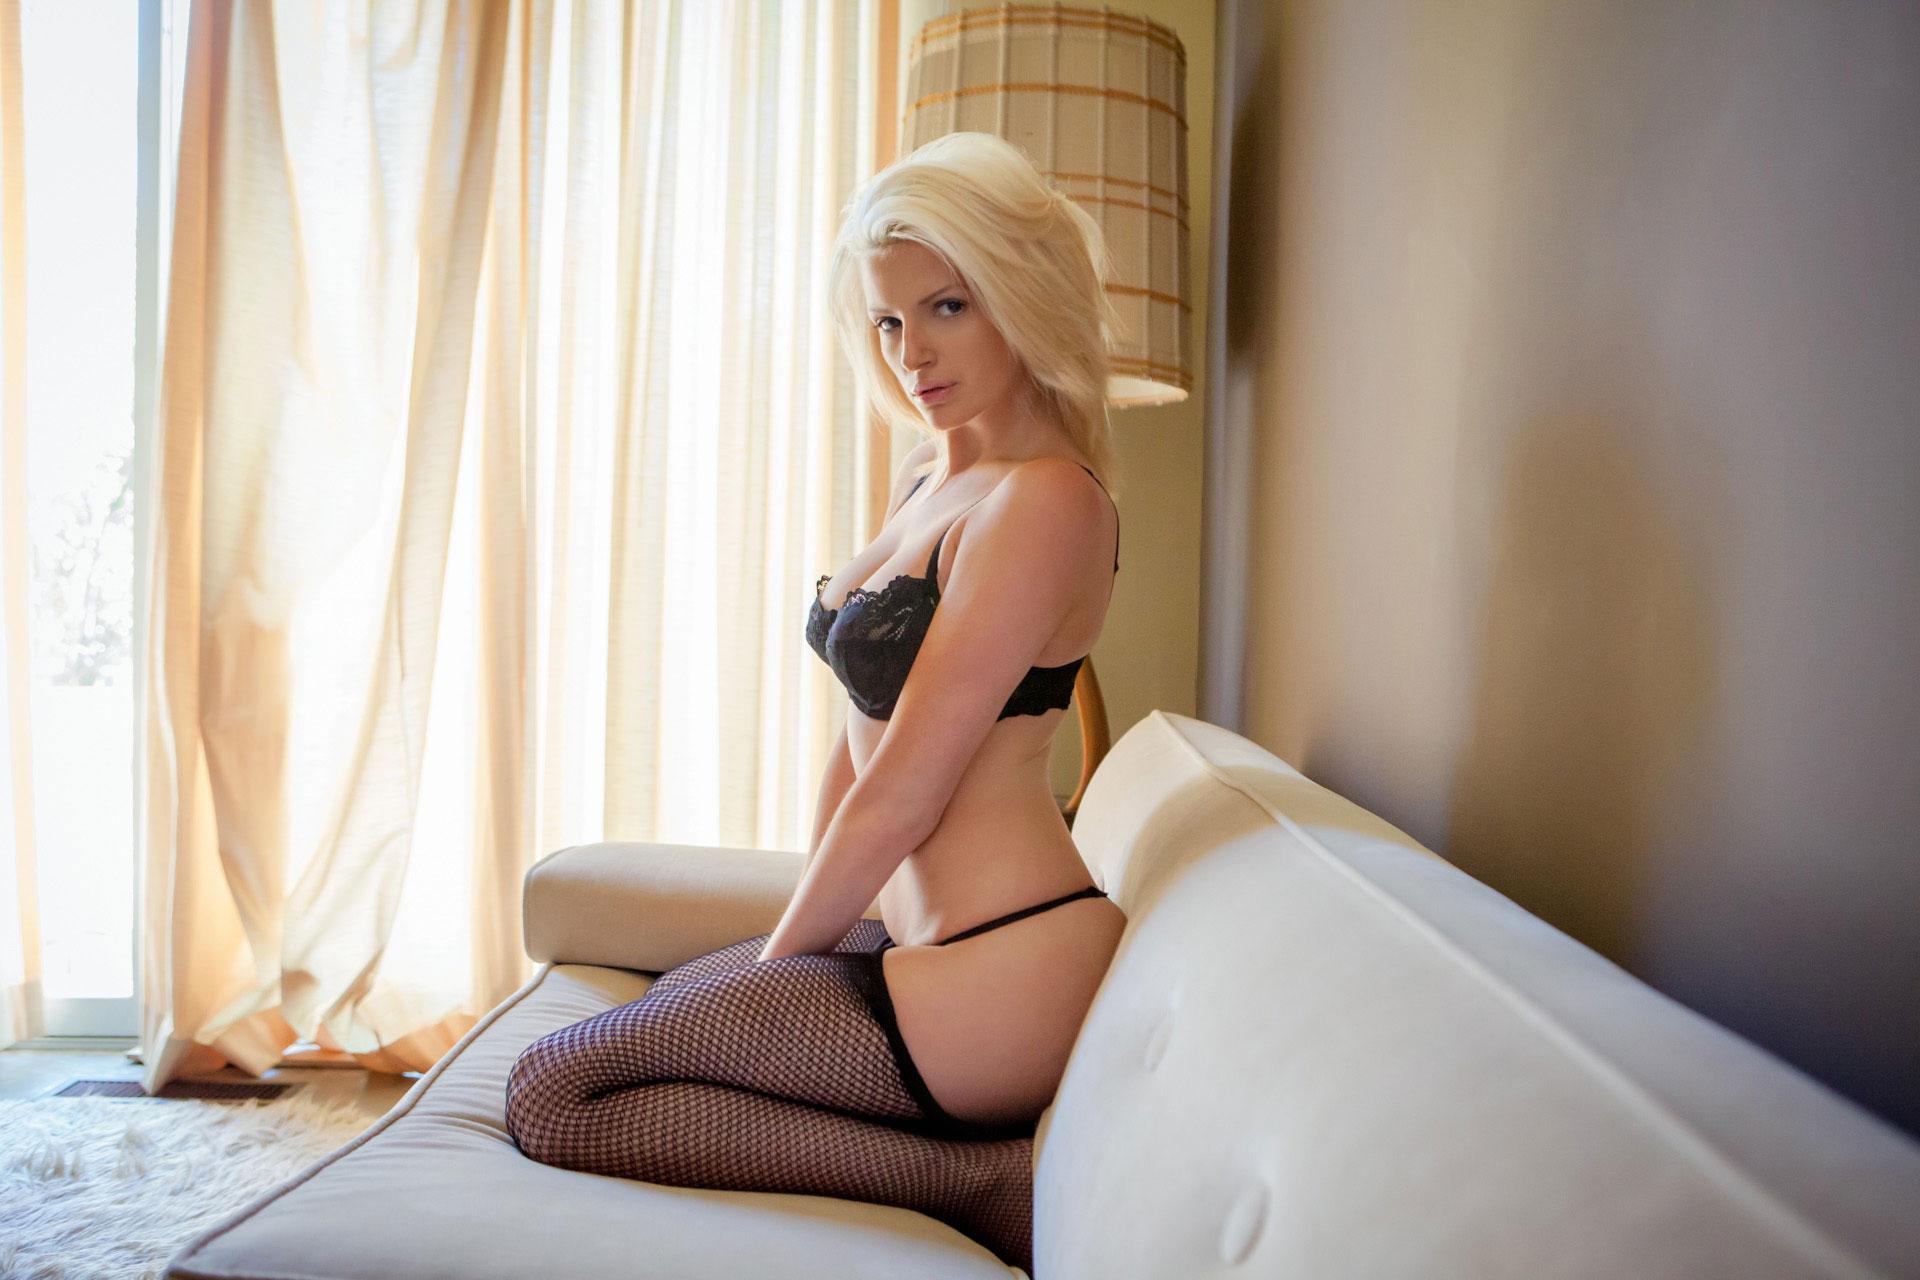 stephanie-branton-blonde-nude-pantyhose-playboy-04